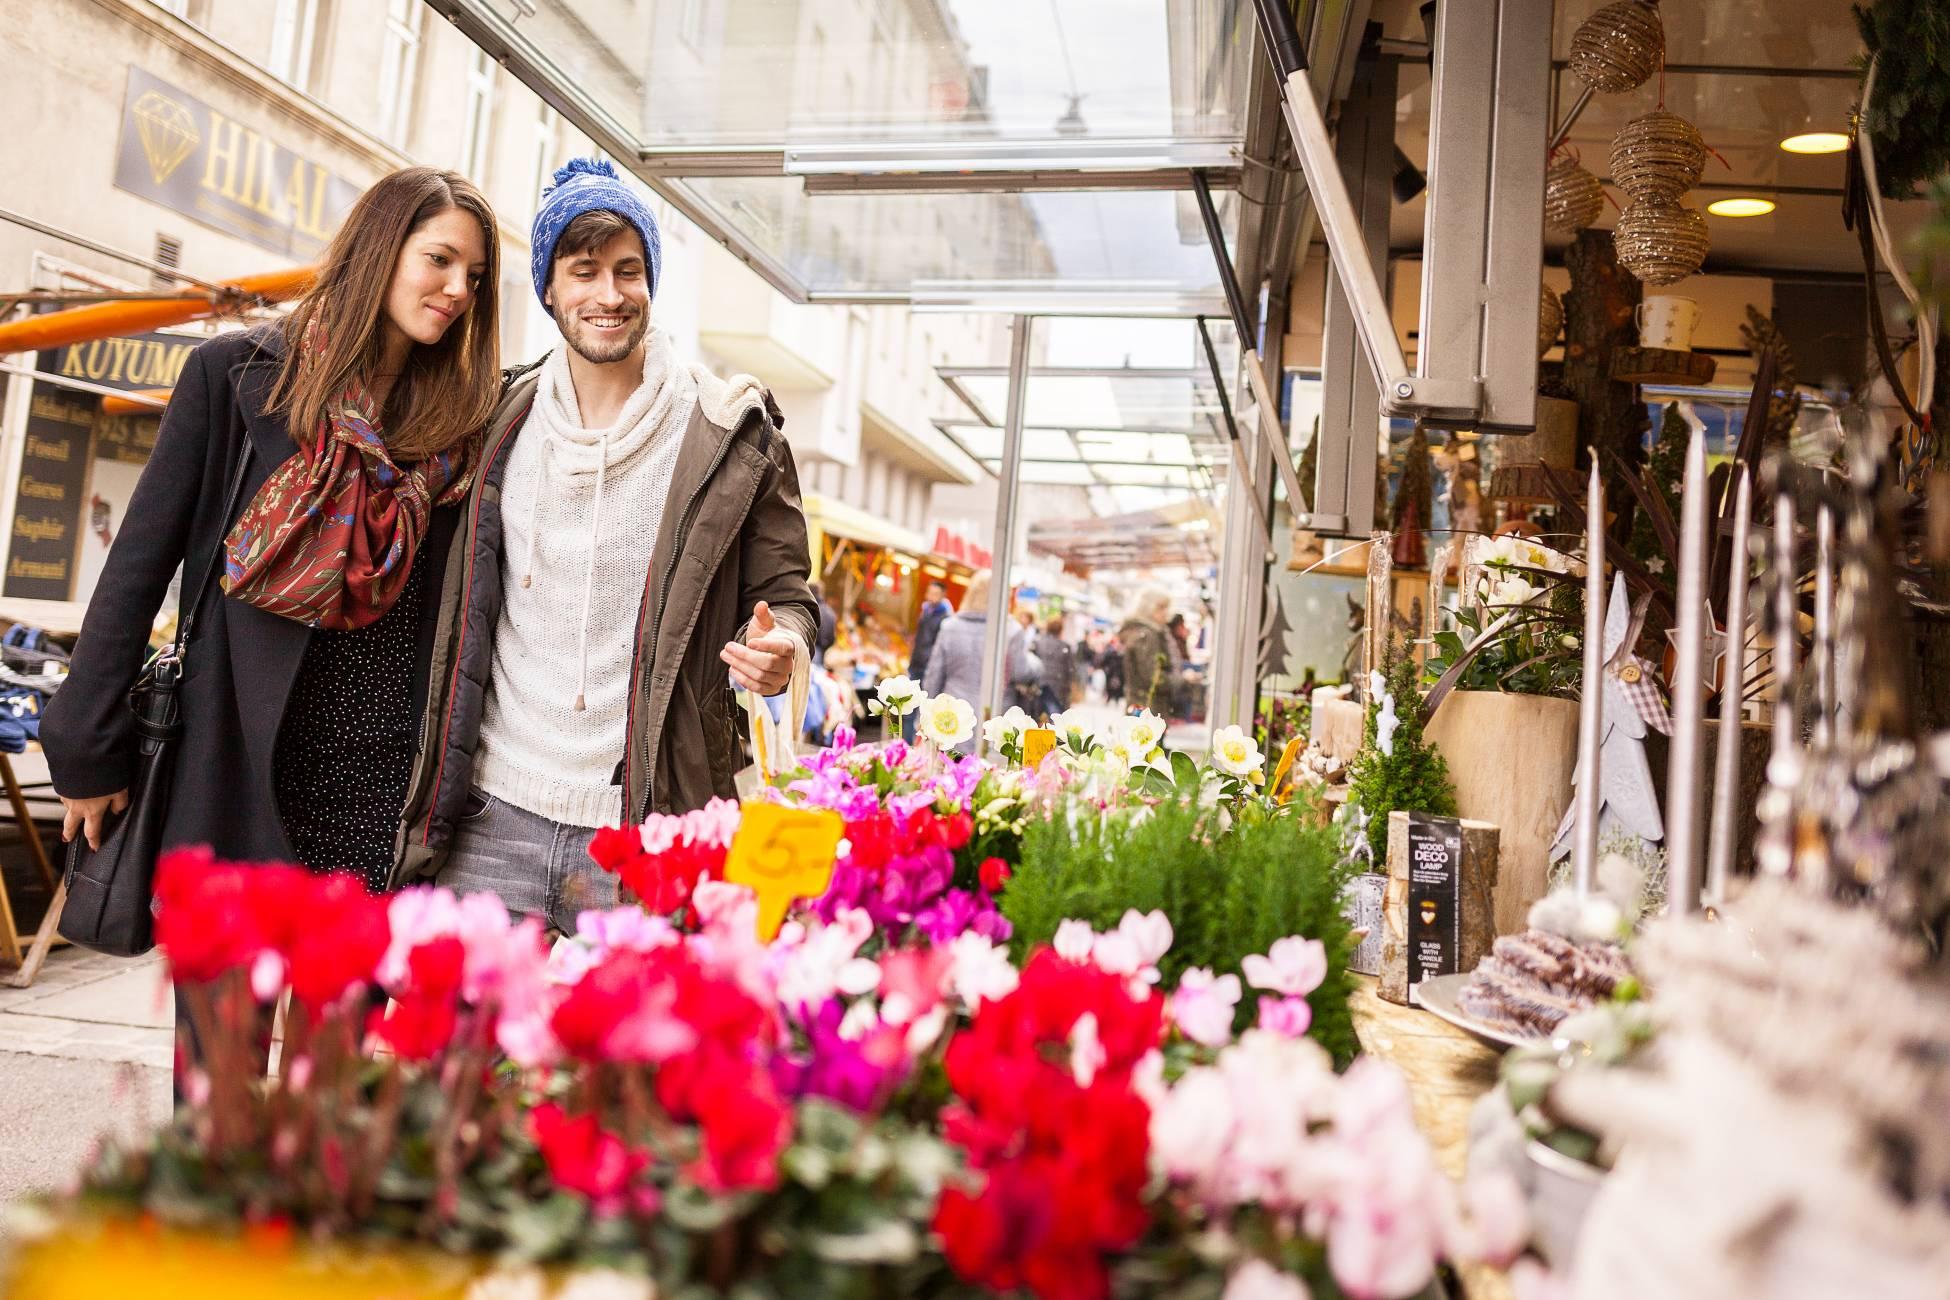 Ein junges Paar schlendert glücklich durch einen Markt. Foto von Stephan Doleschal